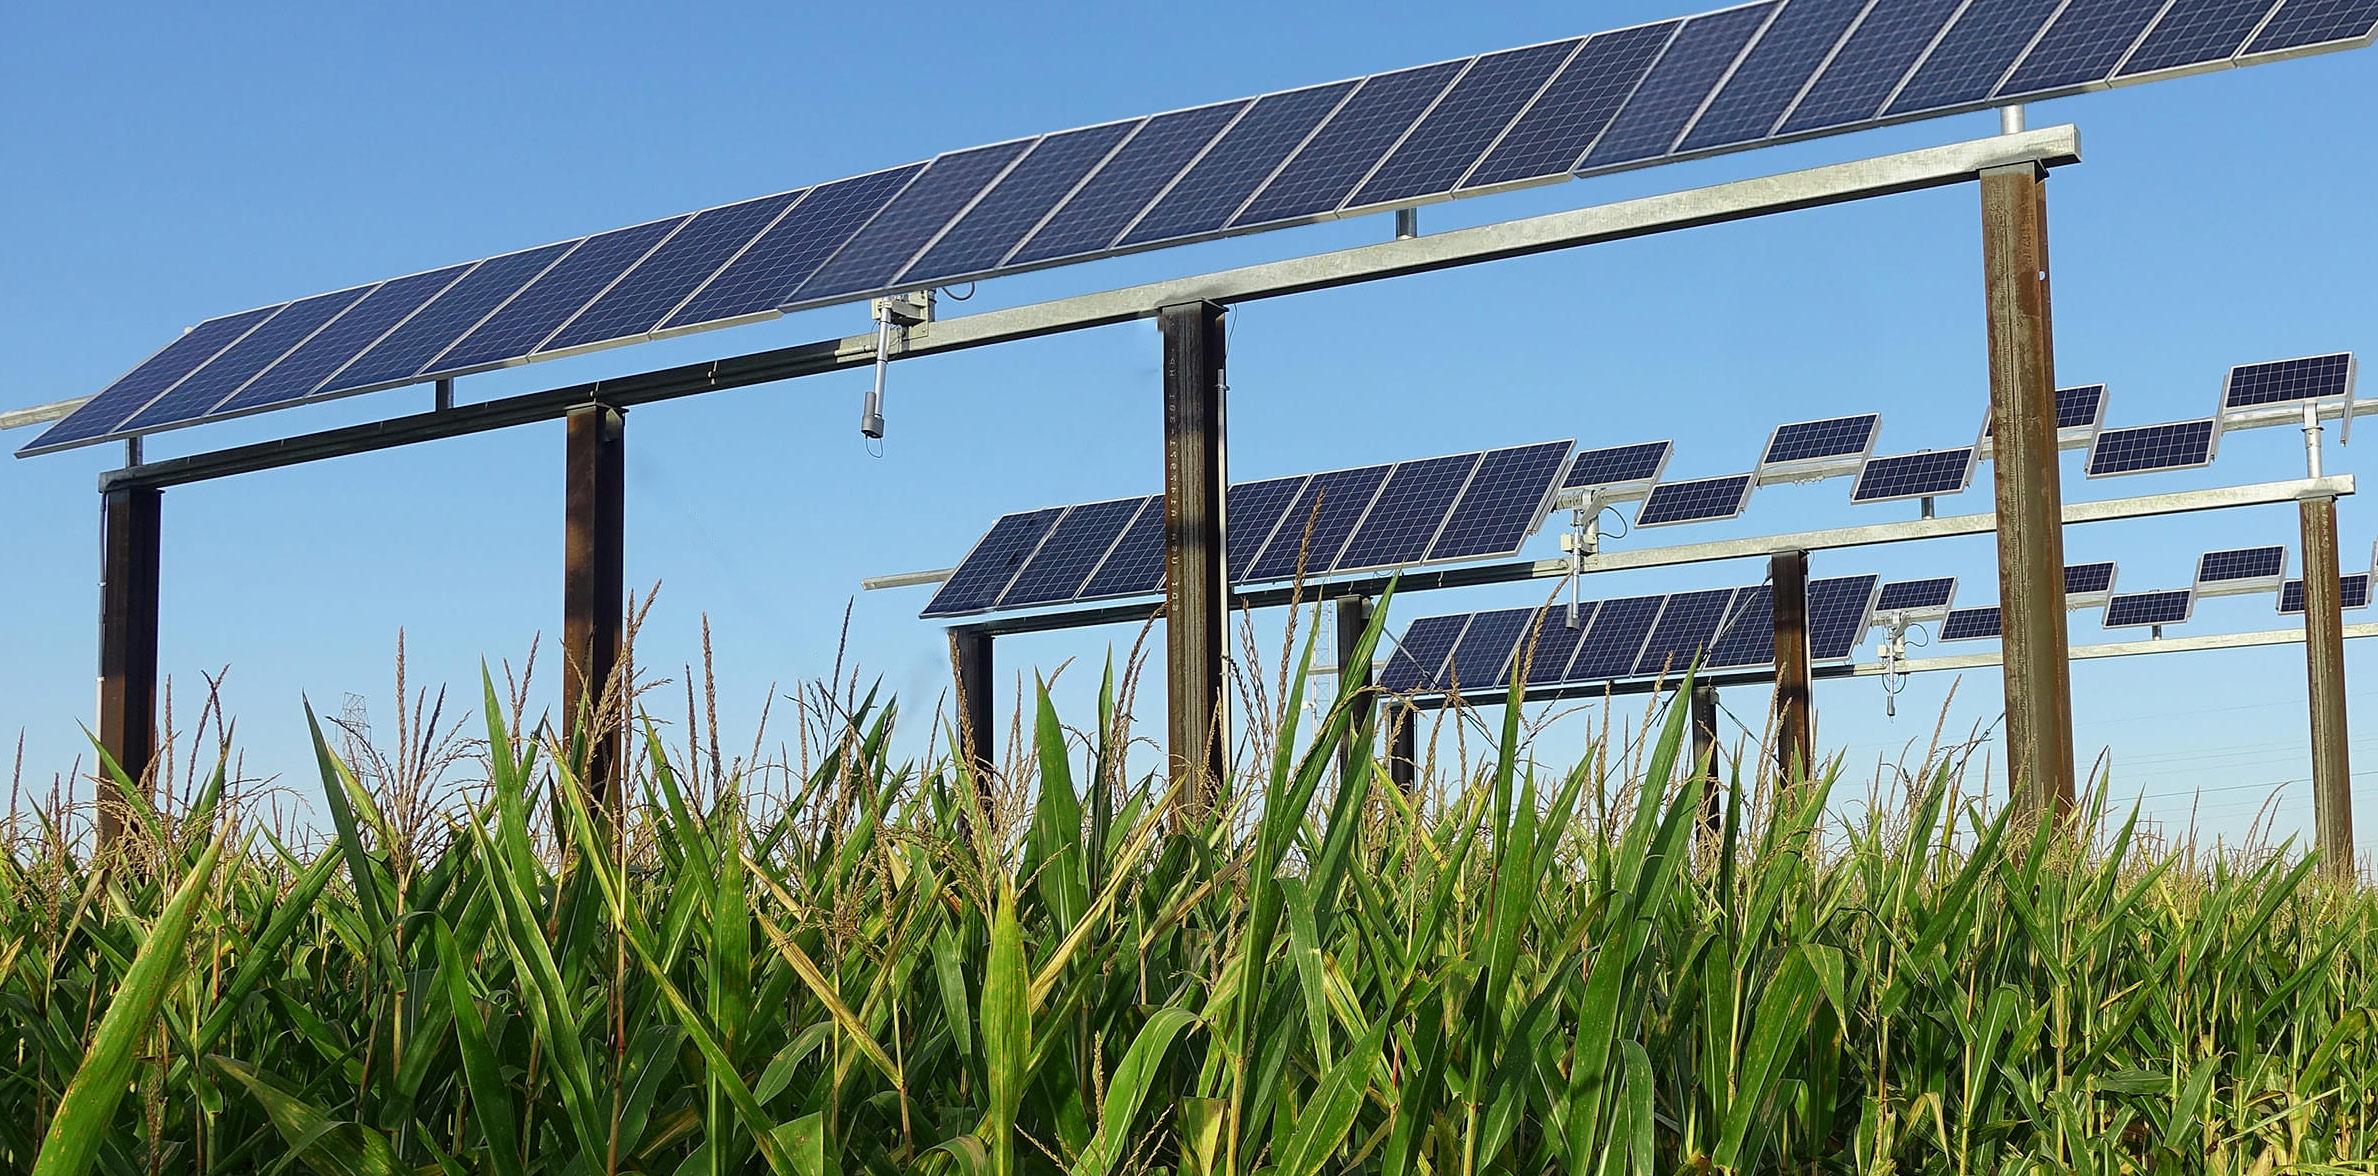 Instalador en Segovia y Valladolid de bomba de riego con placas solares fotovoltaicas agricultura pivot maíz Castilla y León